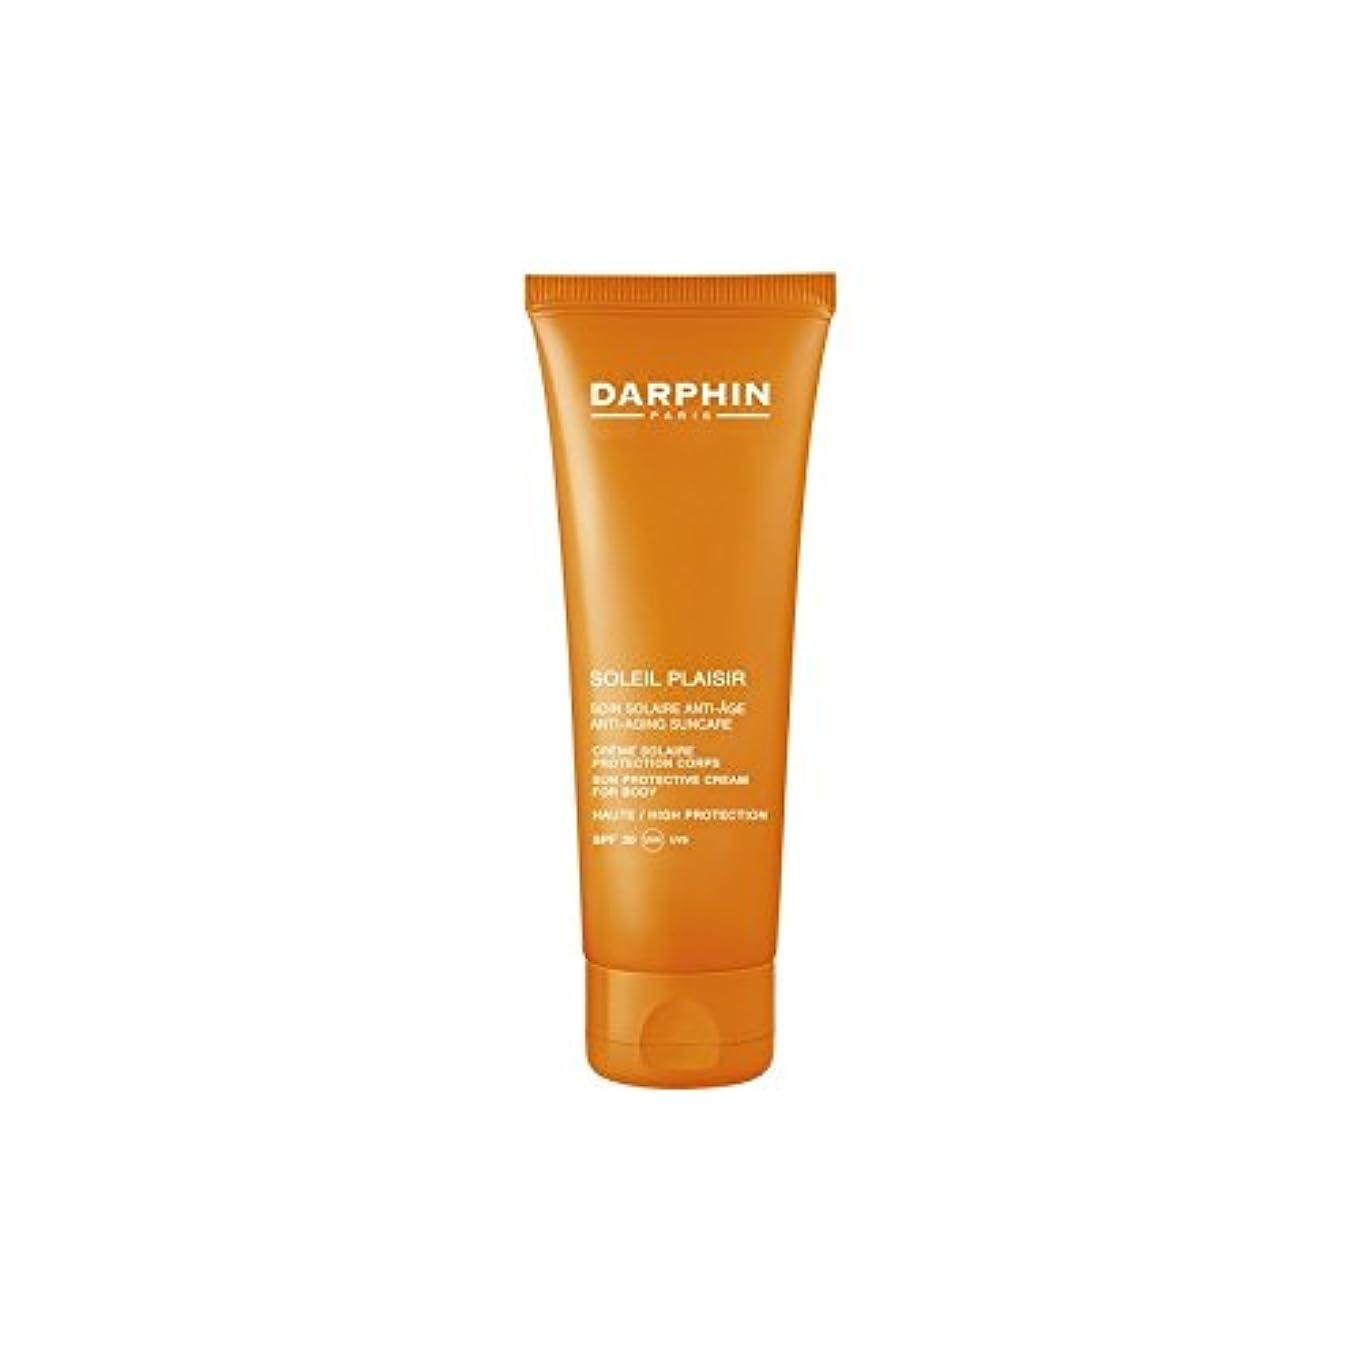 洞察力批判する段階ダルファンソレイユプレジールボディクリーム x4 - Darphin Soleil Plaisir Body Cream (Pack of 4) [並行輸入品]